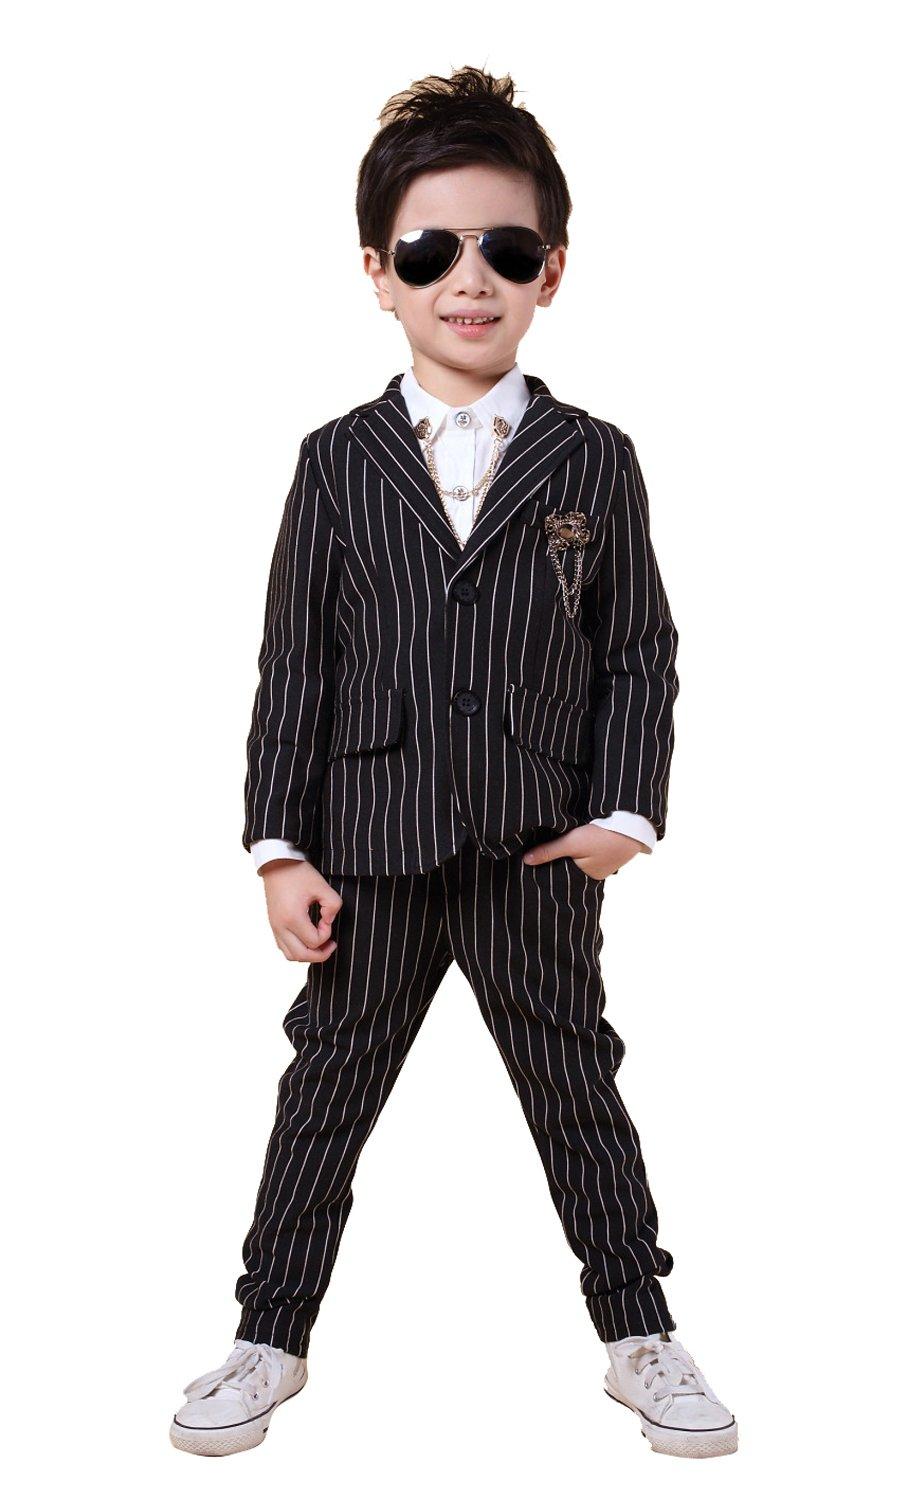 Boys Pinstripe Suits Separated Blazer & Pants 2 Pieces Black & White 2 Colors (8, Black)